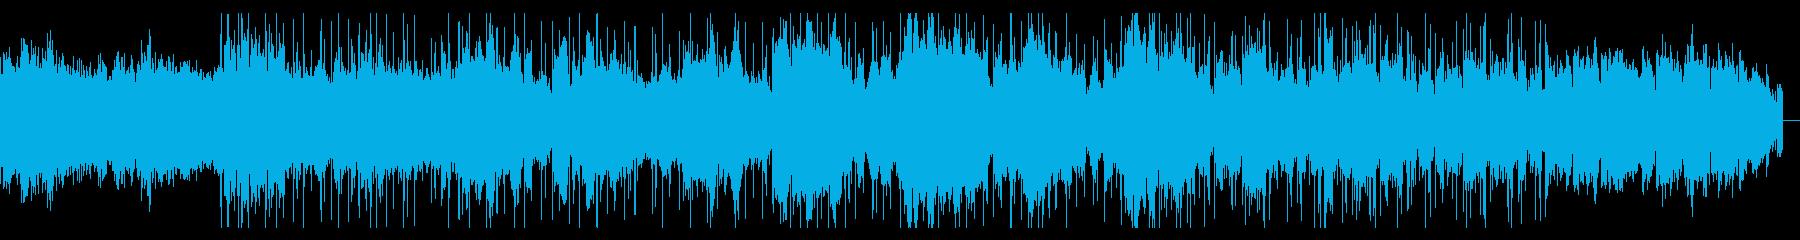 デジタルダークなテクスチャIDMの再生済みの波形